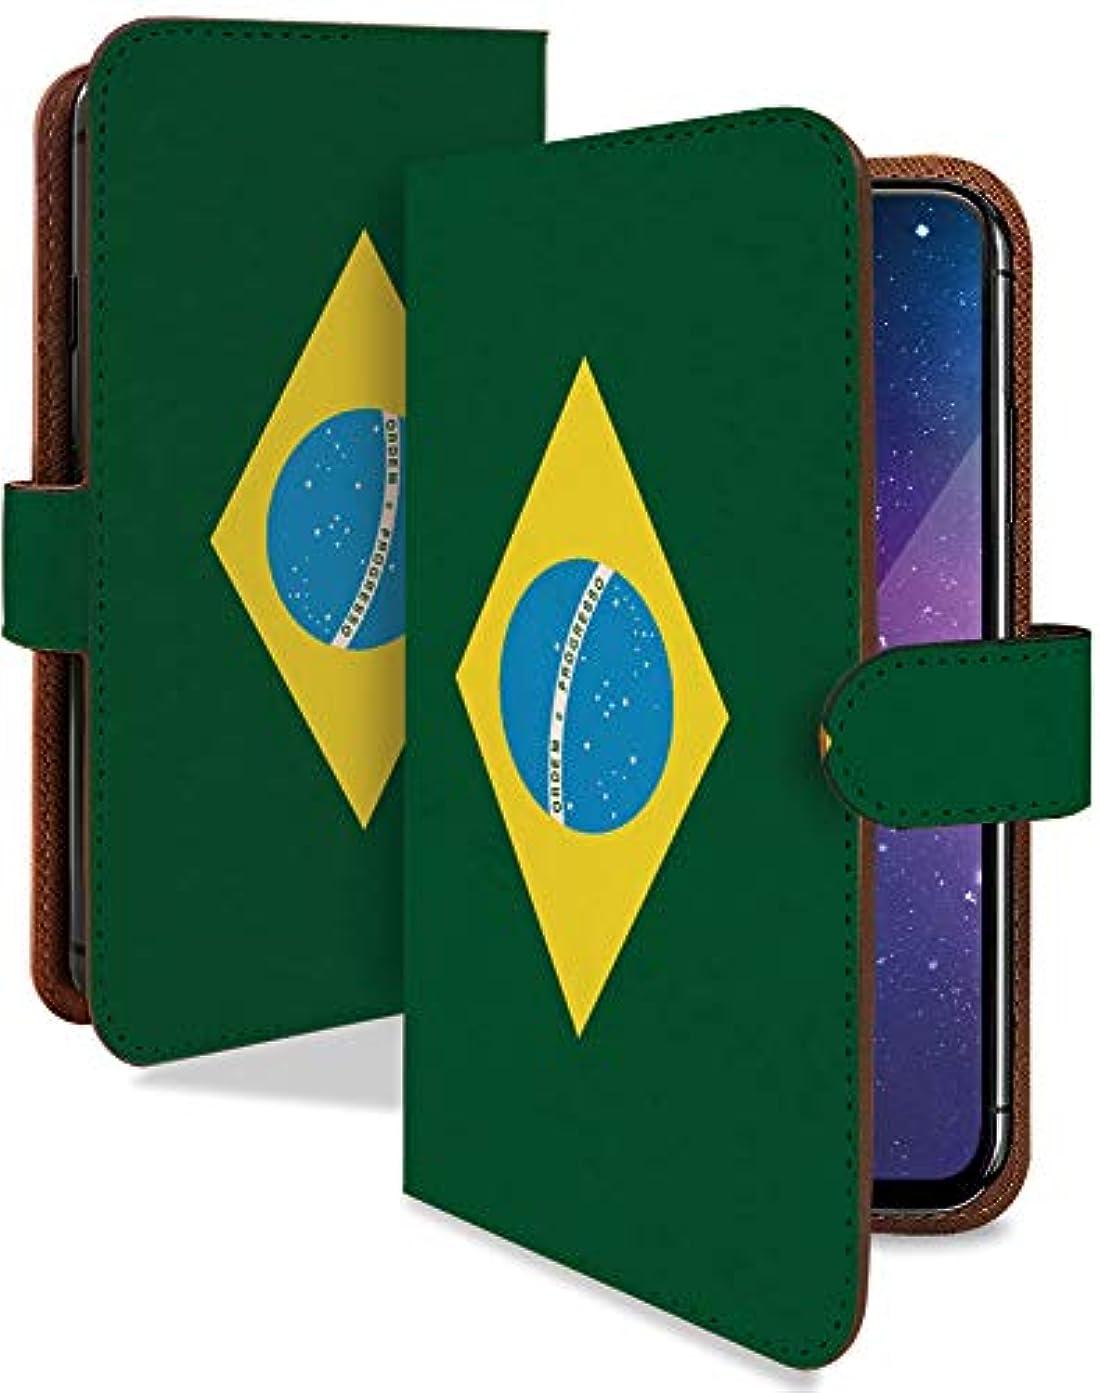 横たわる権限を与えるスコットランド人ZenFone5Z ケース 手帳型 国旗 ブラジル かっこいい 世界の国旗 スマホケース ゼンフォン5z ゼンフォーン5z ゼンホン 手帳 カバー zenfone 5z zenfone5zケース zenfone5zカバー 旗 フラッグ はた ブラジル国旗 [国旗 ブラジル/t0662]